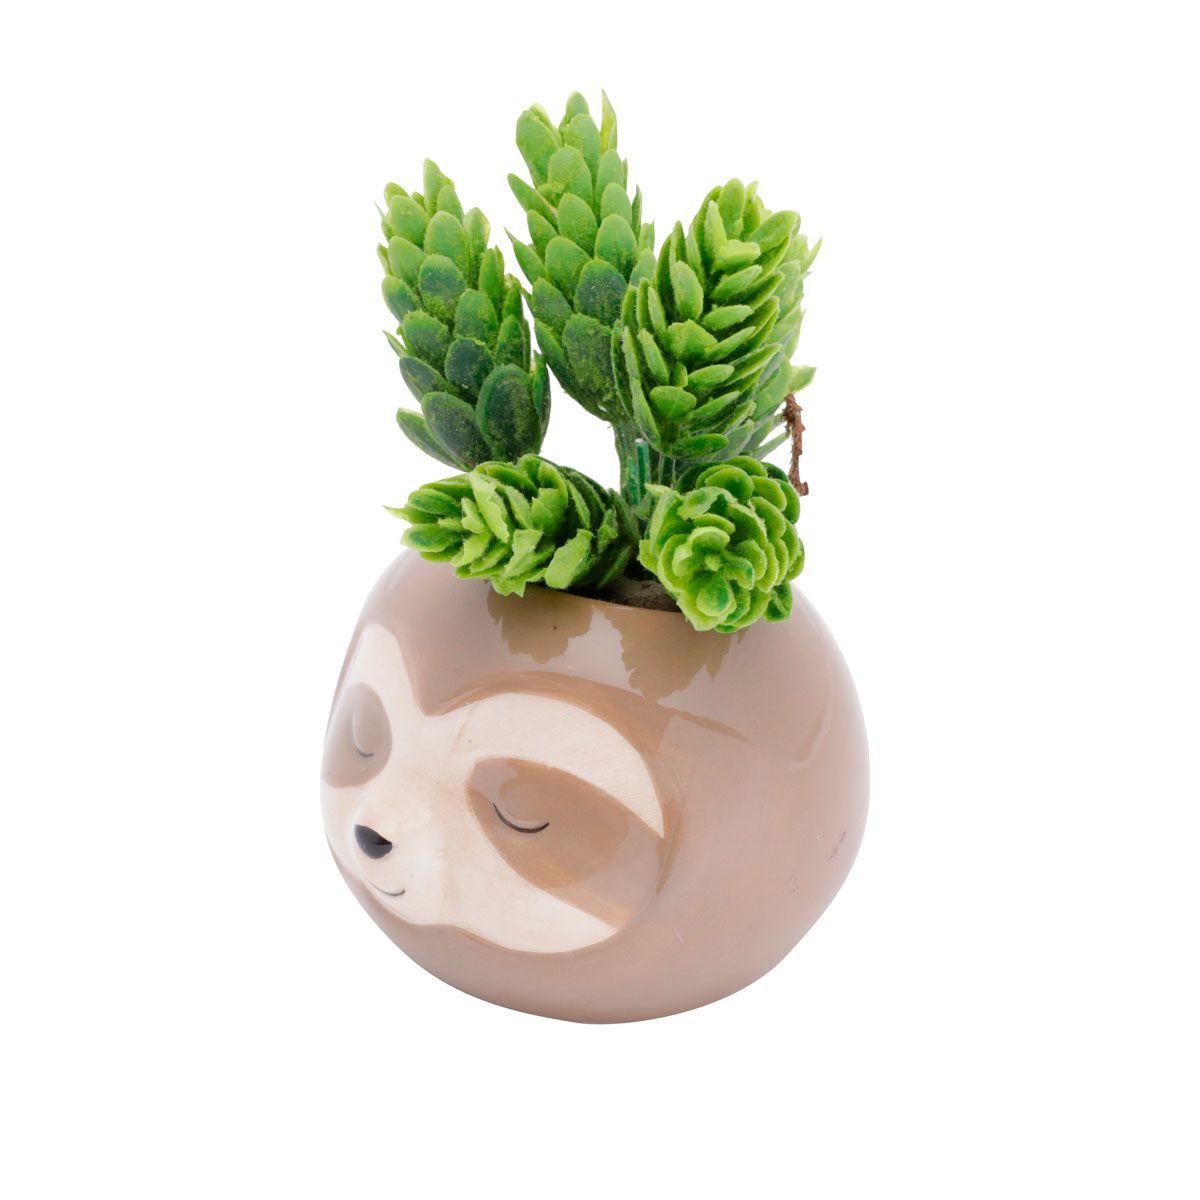 Cachepot Vaso Decorativo Preguiça Fofa